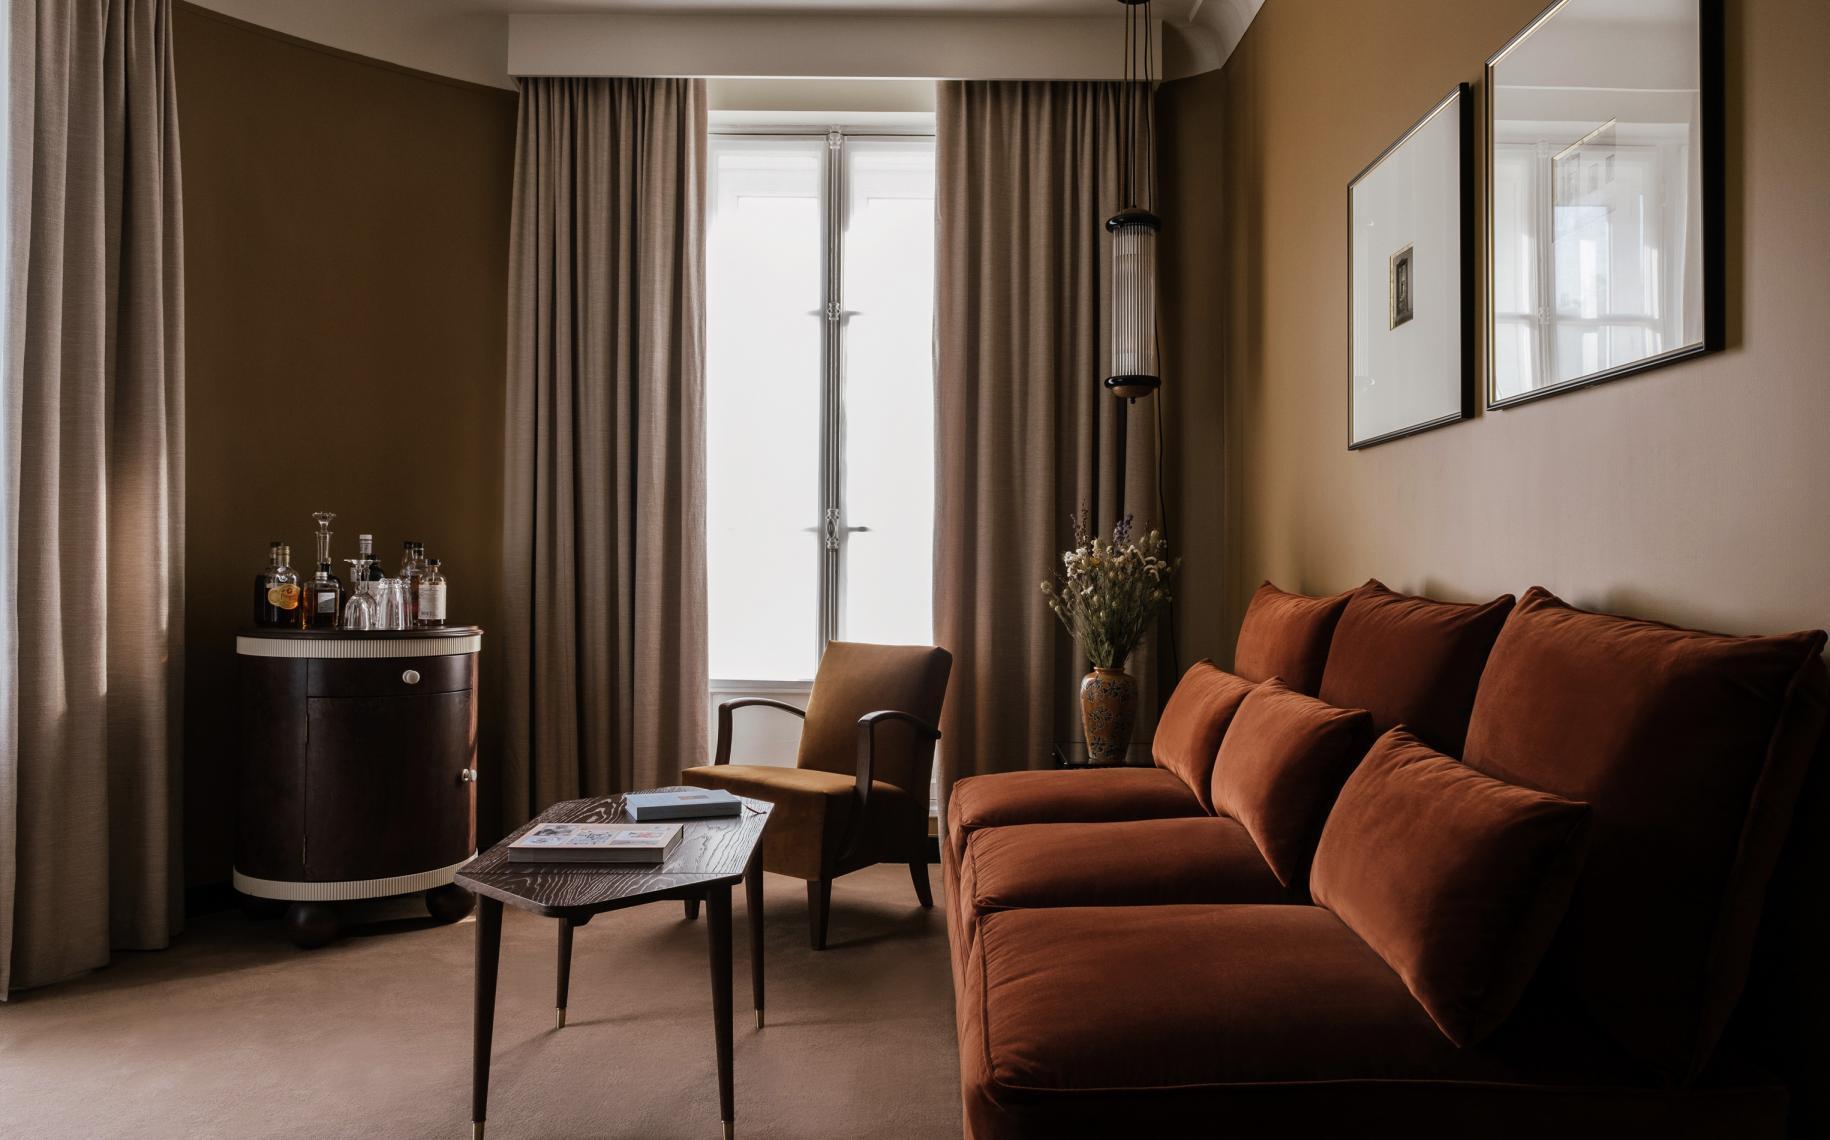 L'Hôtel Rochechouart ouvre ses portes à Pigalle et au pied de Montmartre, ressuscitant un ancien haut lieu des Années folles avec ses 106 chambres au design léché, sa brasserie chic ou son bar rooftop au 9e étage. Visite guidée.